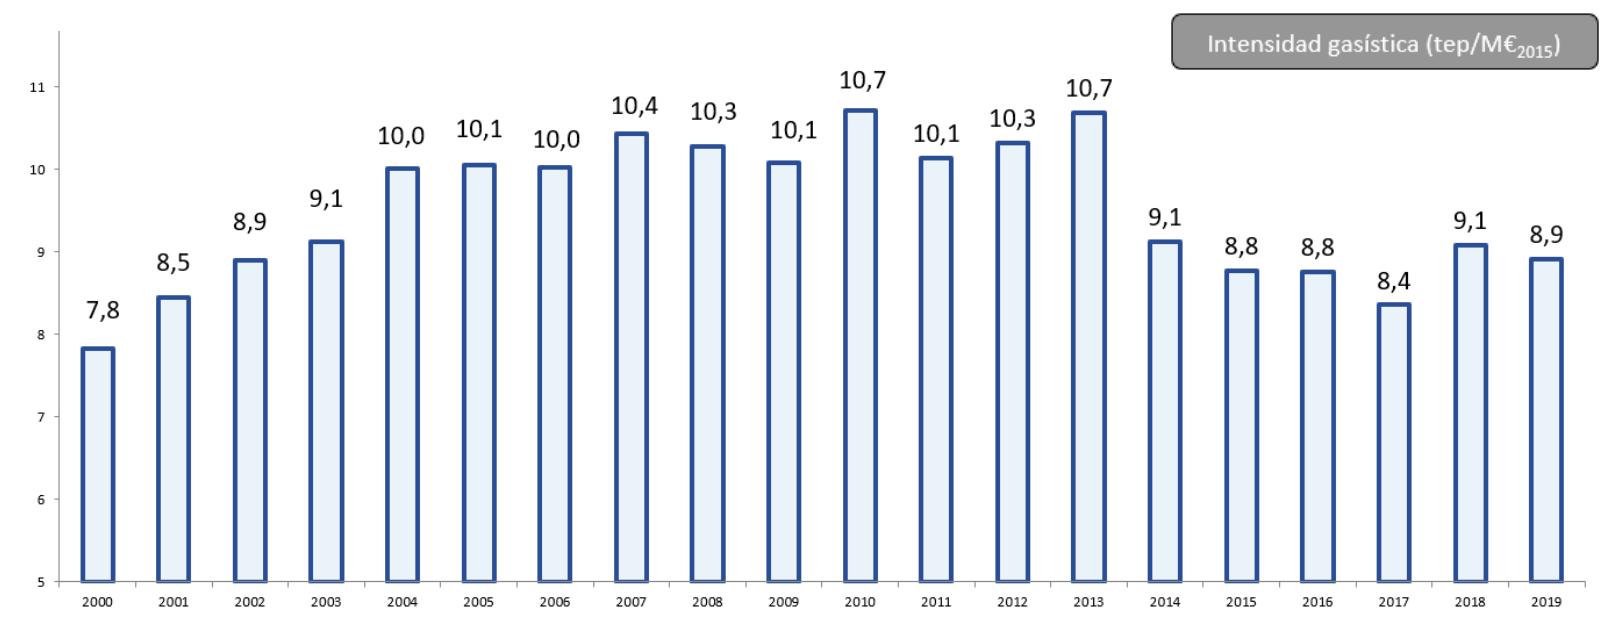 Gráfico: Evolución de la Intensidad gasística desde el año 2000 al 2019